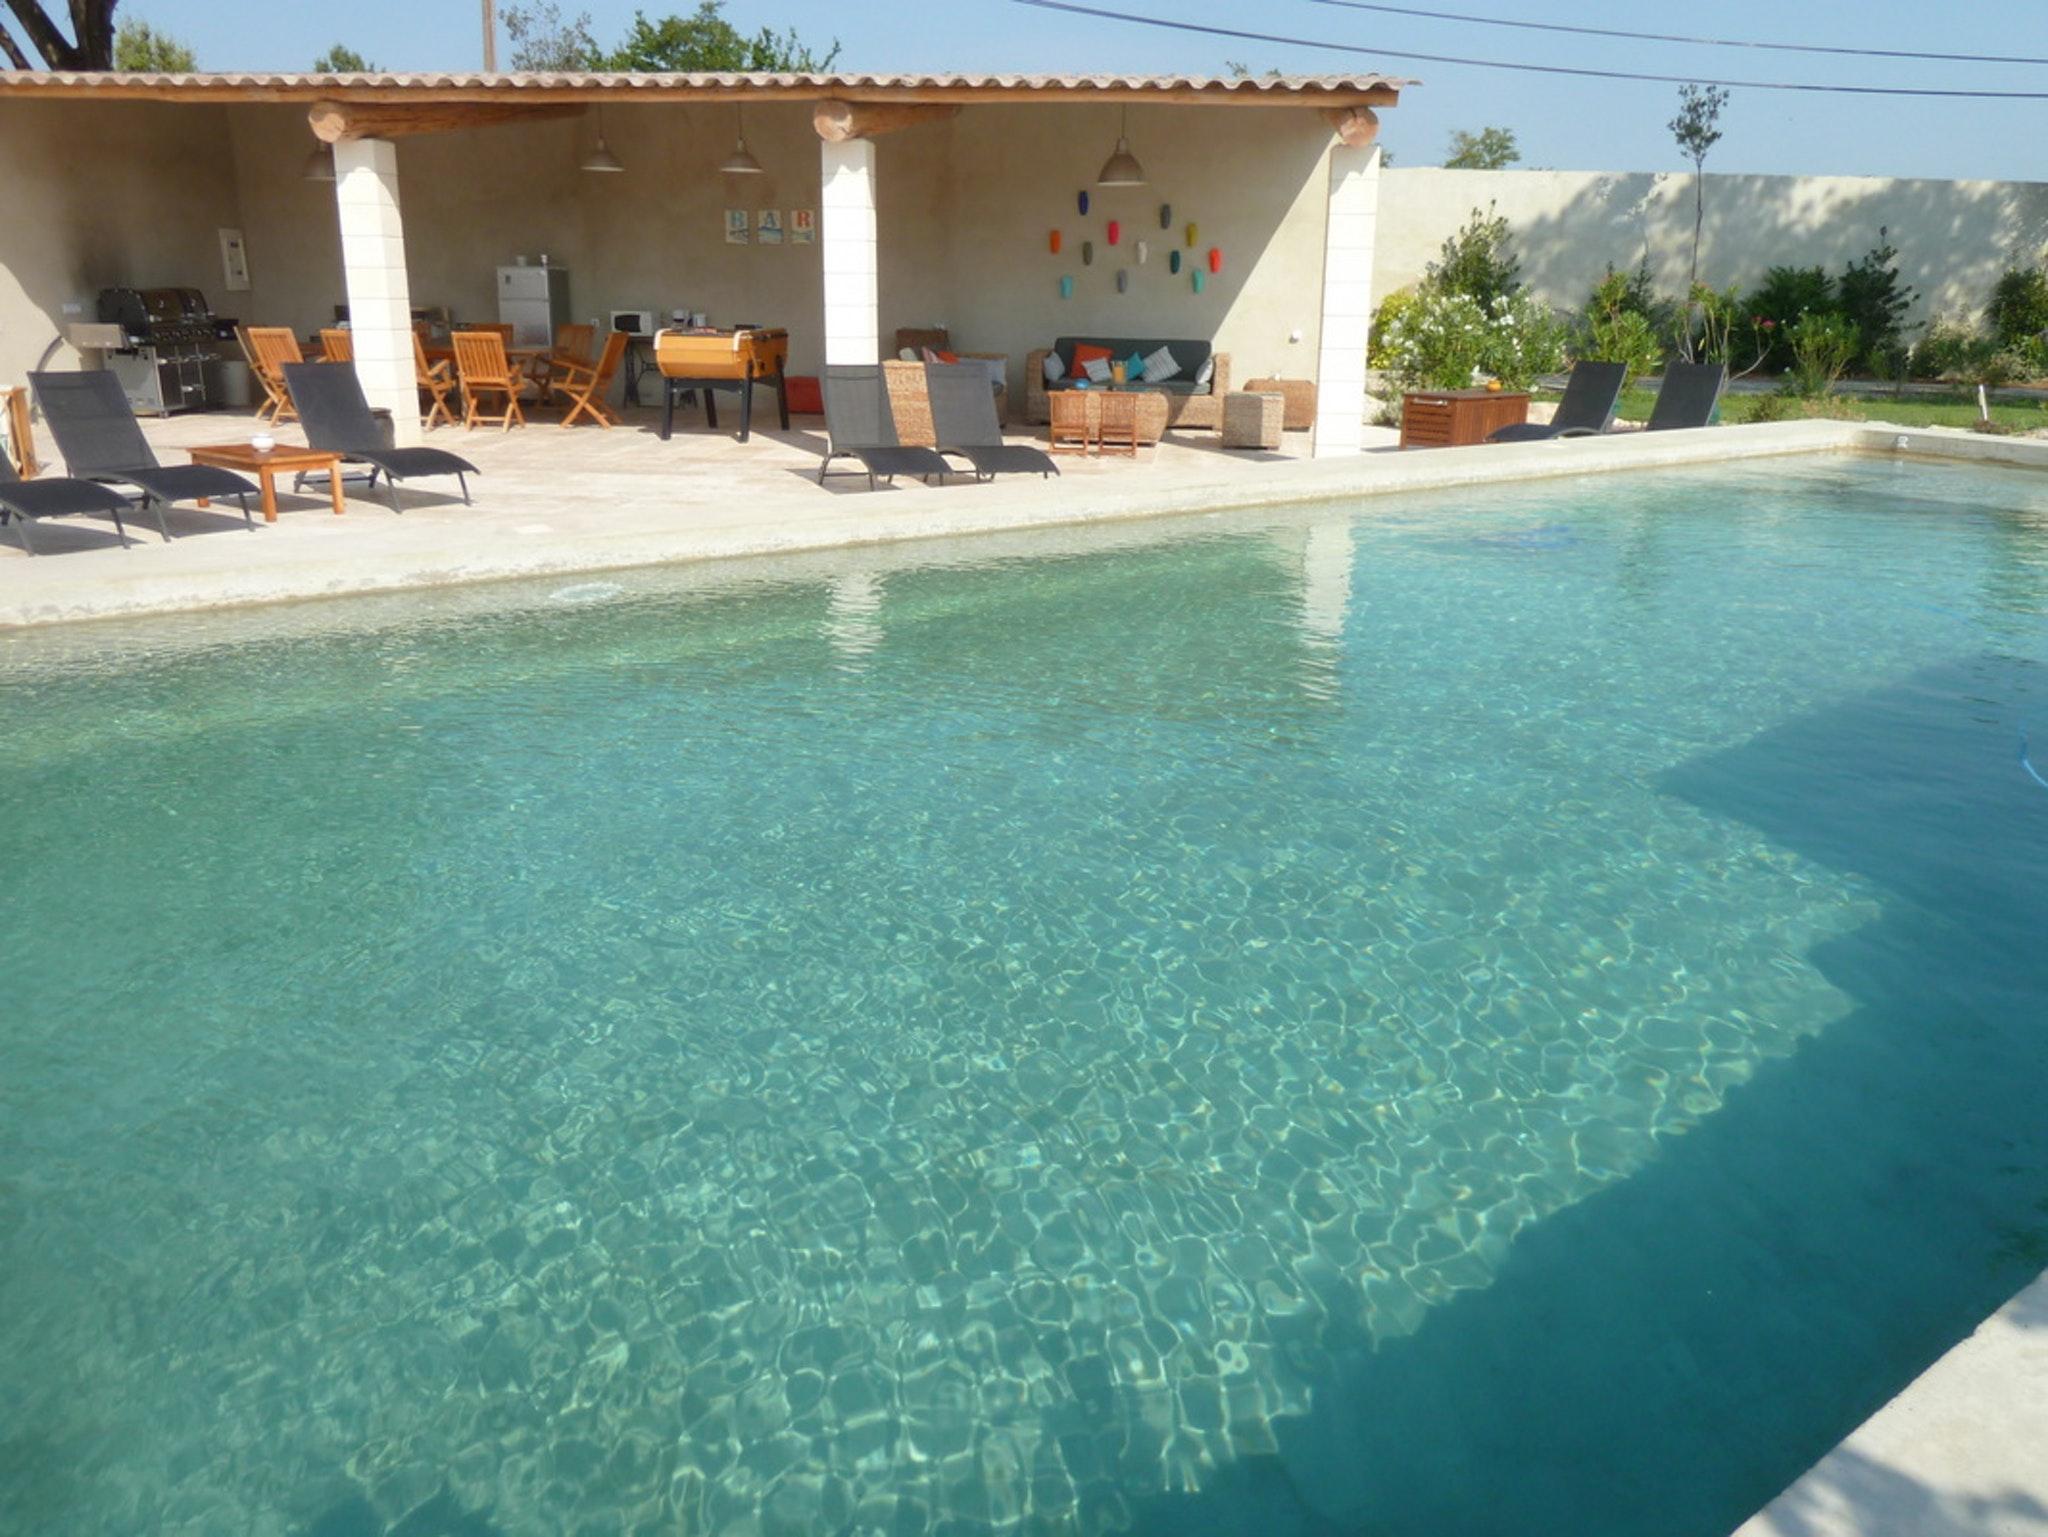 Ferienhaus Haus mit 6 Schlafzimmern in Pernes-les-Fontaines mit privatem Pool, möbliertem Garten und  (2377414), Pernes les Fontaines, Saône-et-Loire, Burgund, Frankreich, Bild 3